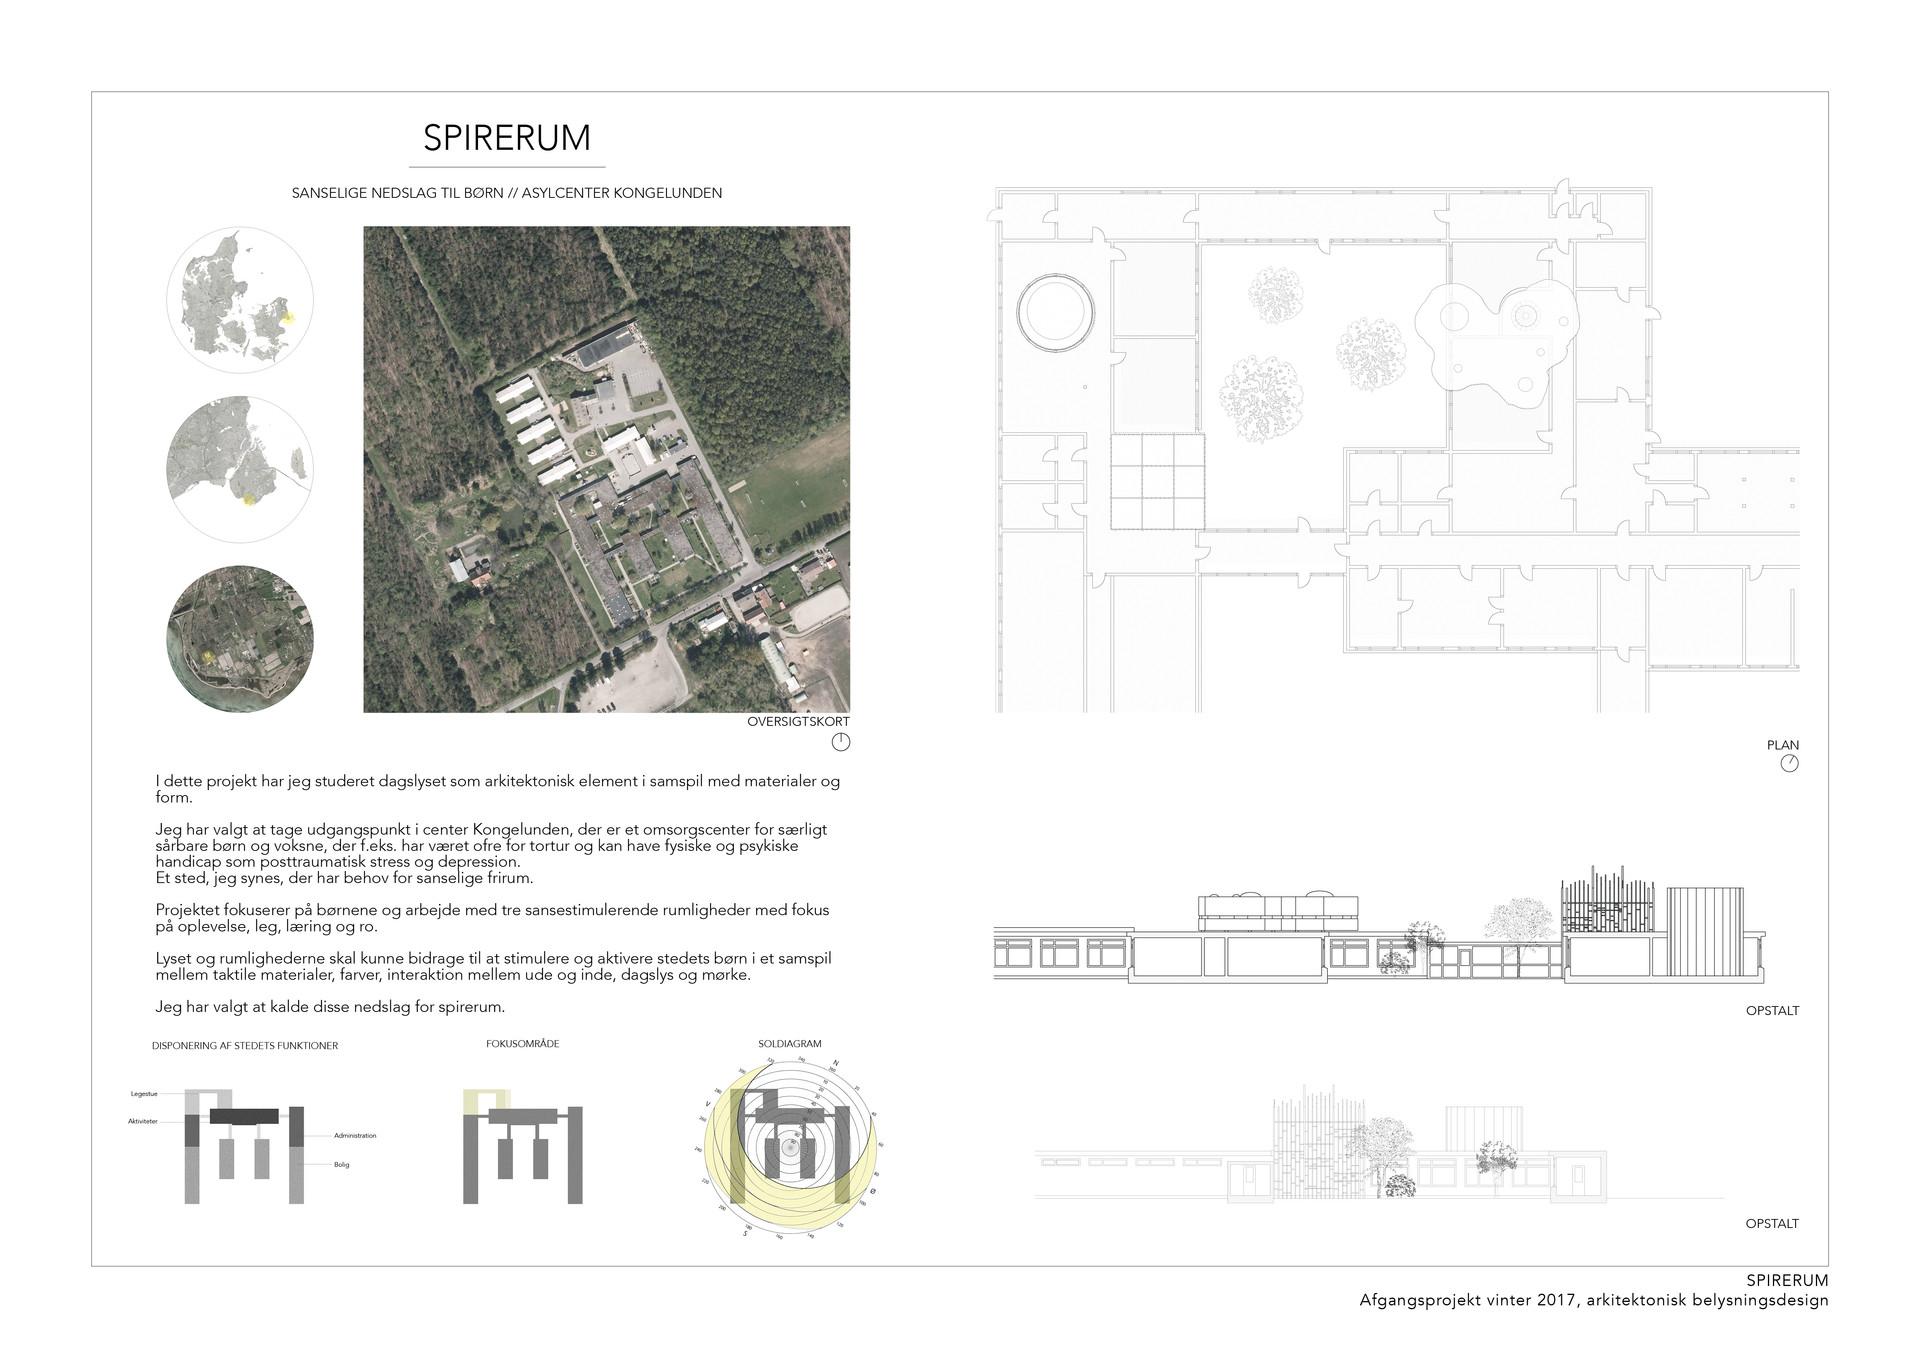 Spirerum // afgangsprojekt